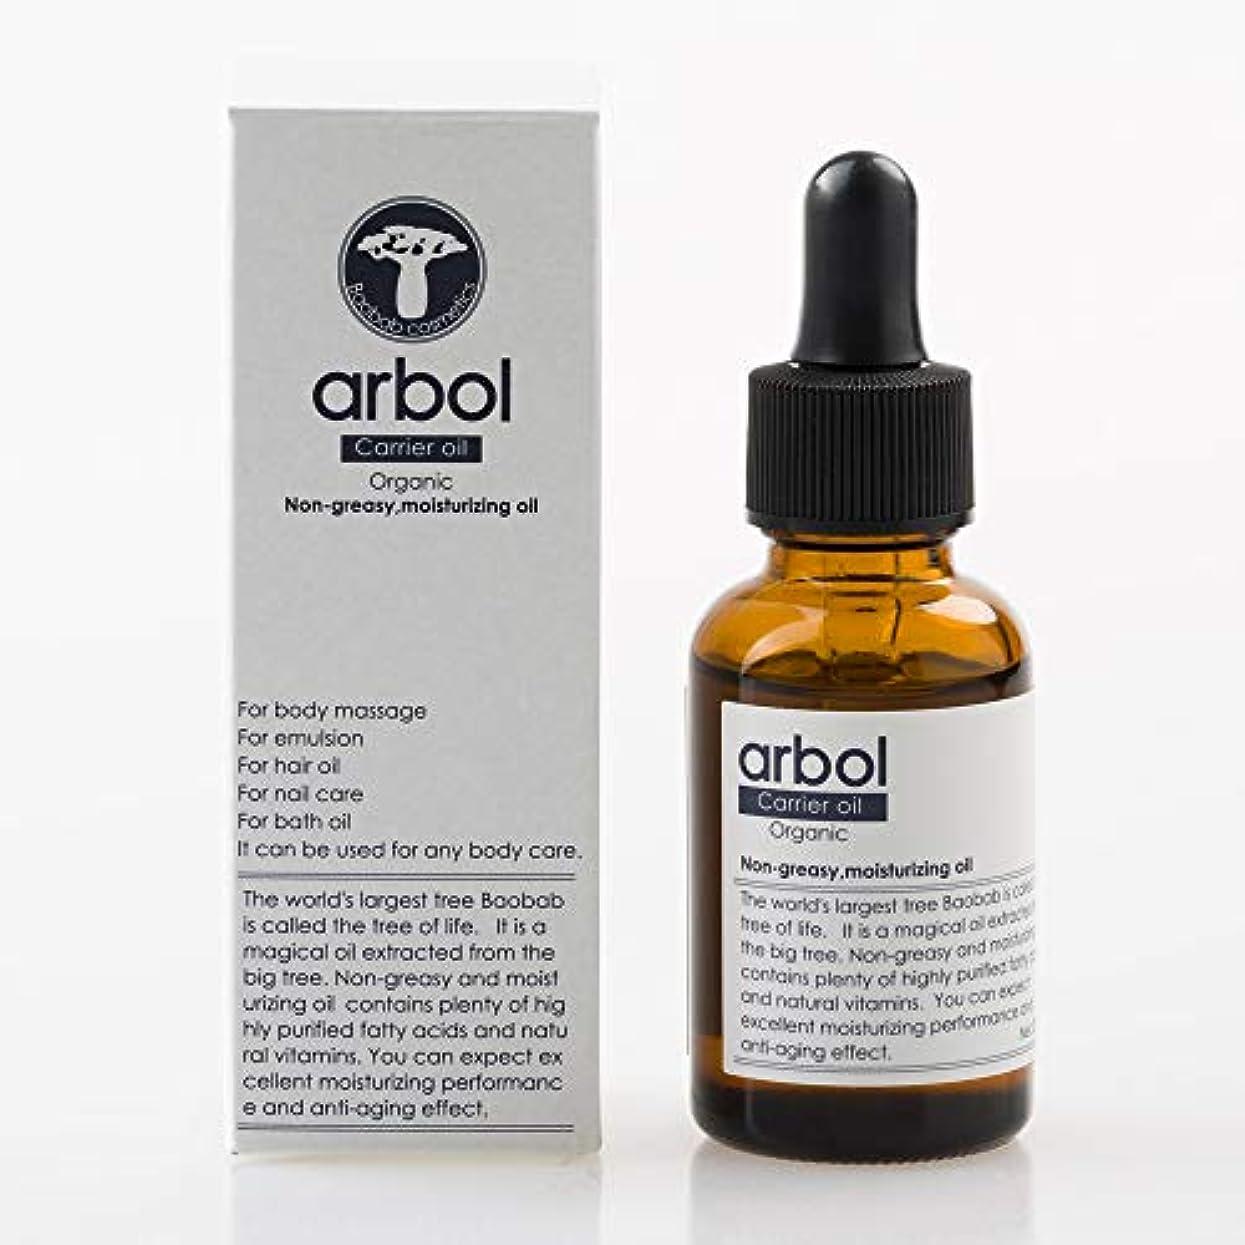 arbol(アルボル)キャリアオイル 30ml スキンオイル バオバブオイル ピュアオイル (フェイスオイル/ボディオイル/ヘアオイル/ネイルオイル)1118-1001